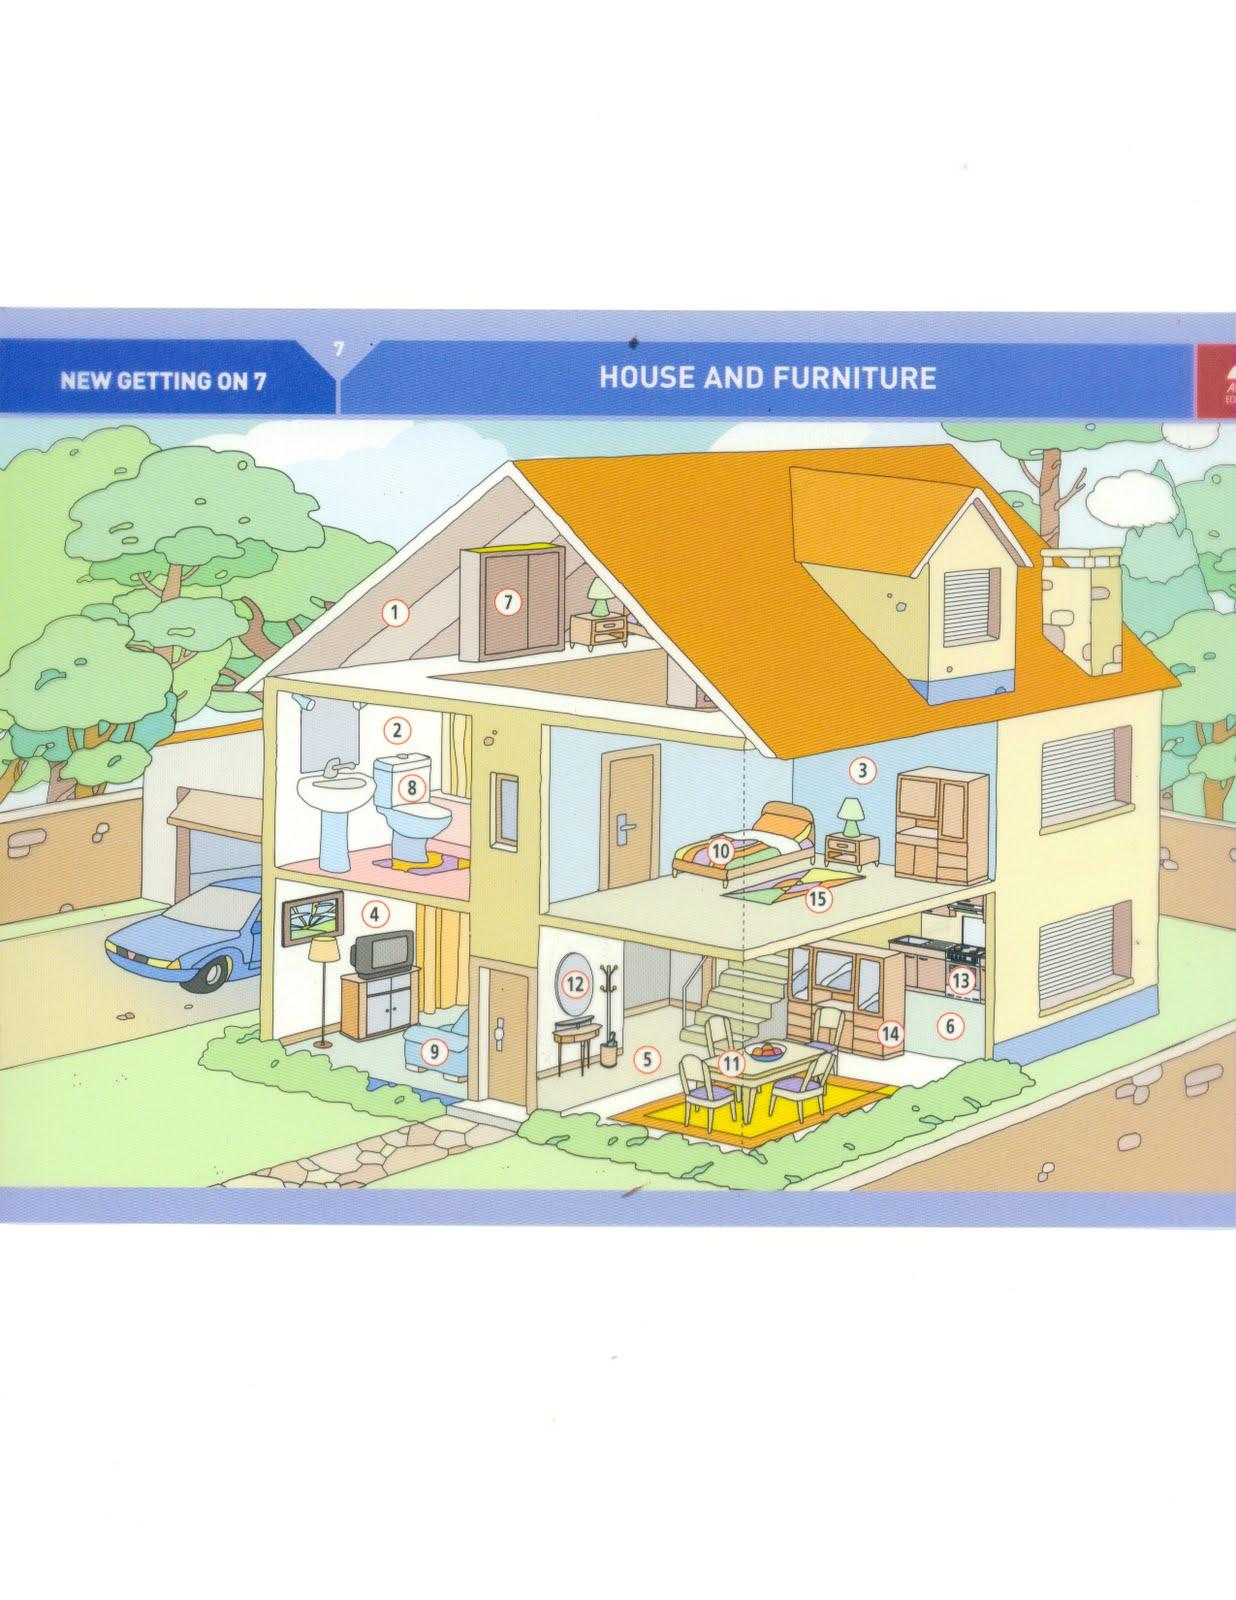 English4U: Describing a house